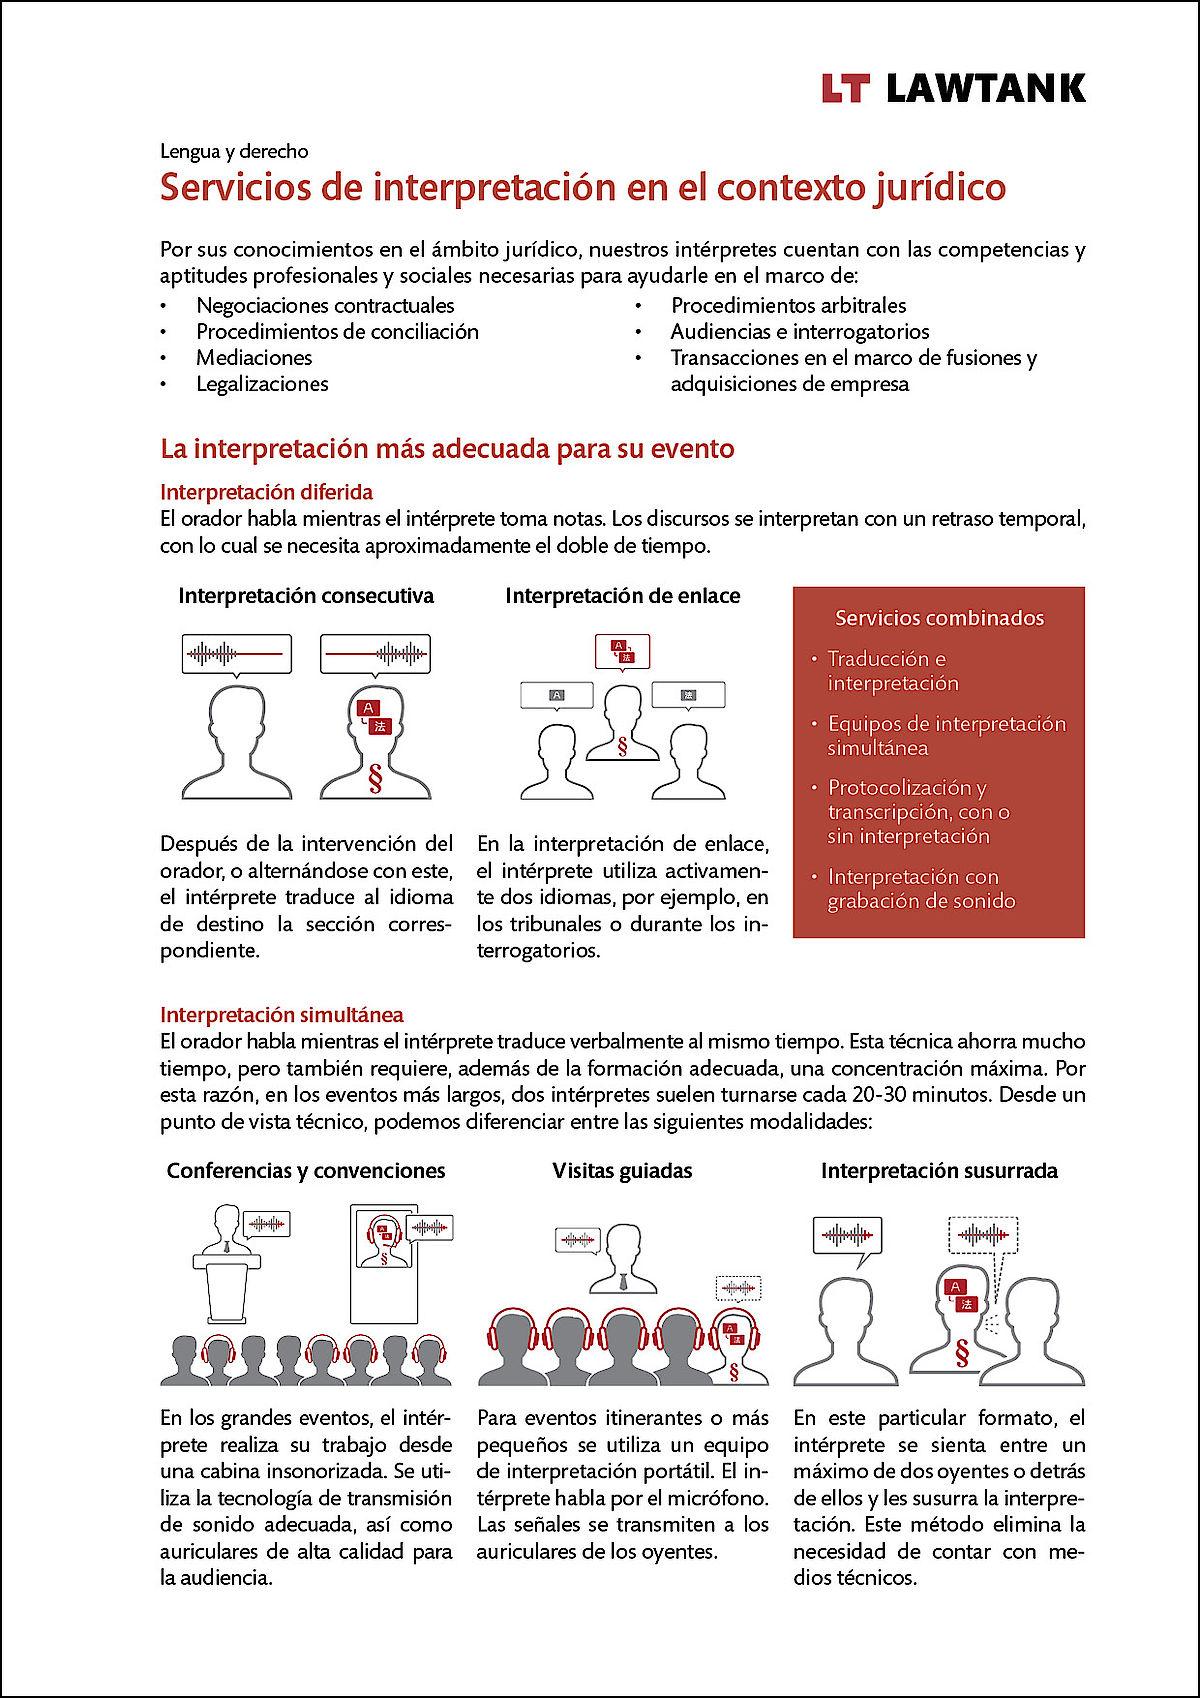 LT Lawtank - Servicios de interpretacion en el contexto juridico - Negociaciones contractuales, Procedimientos de conciliación, Mediaciones, Legalizaciones, Procedimientos arbitrales, Audiencias e interrogatorios, Transacciones en el marco de fusiones y adquisiciones de empresas, Conferencias